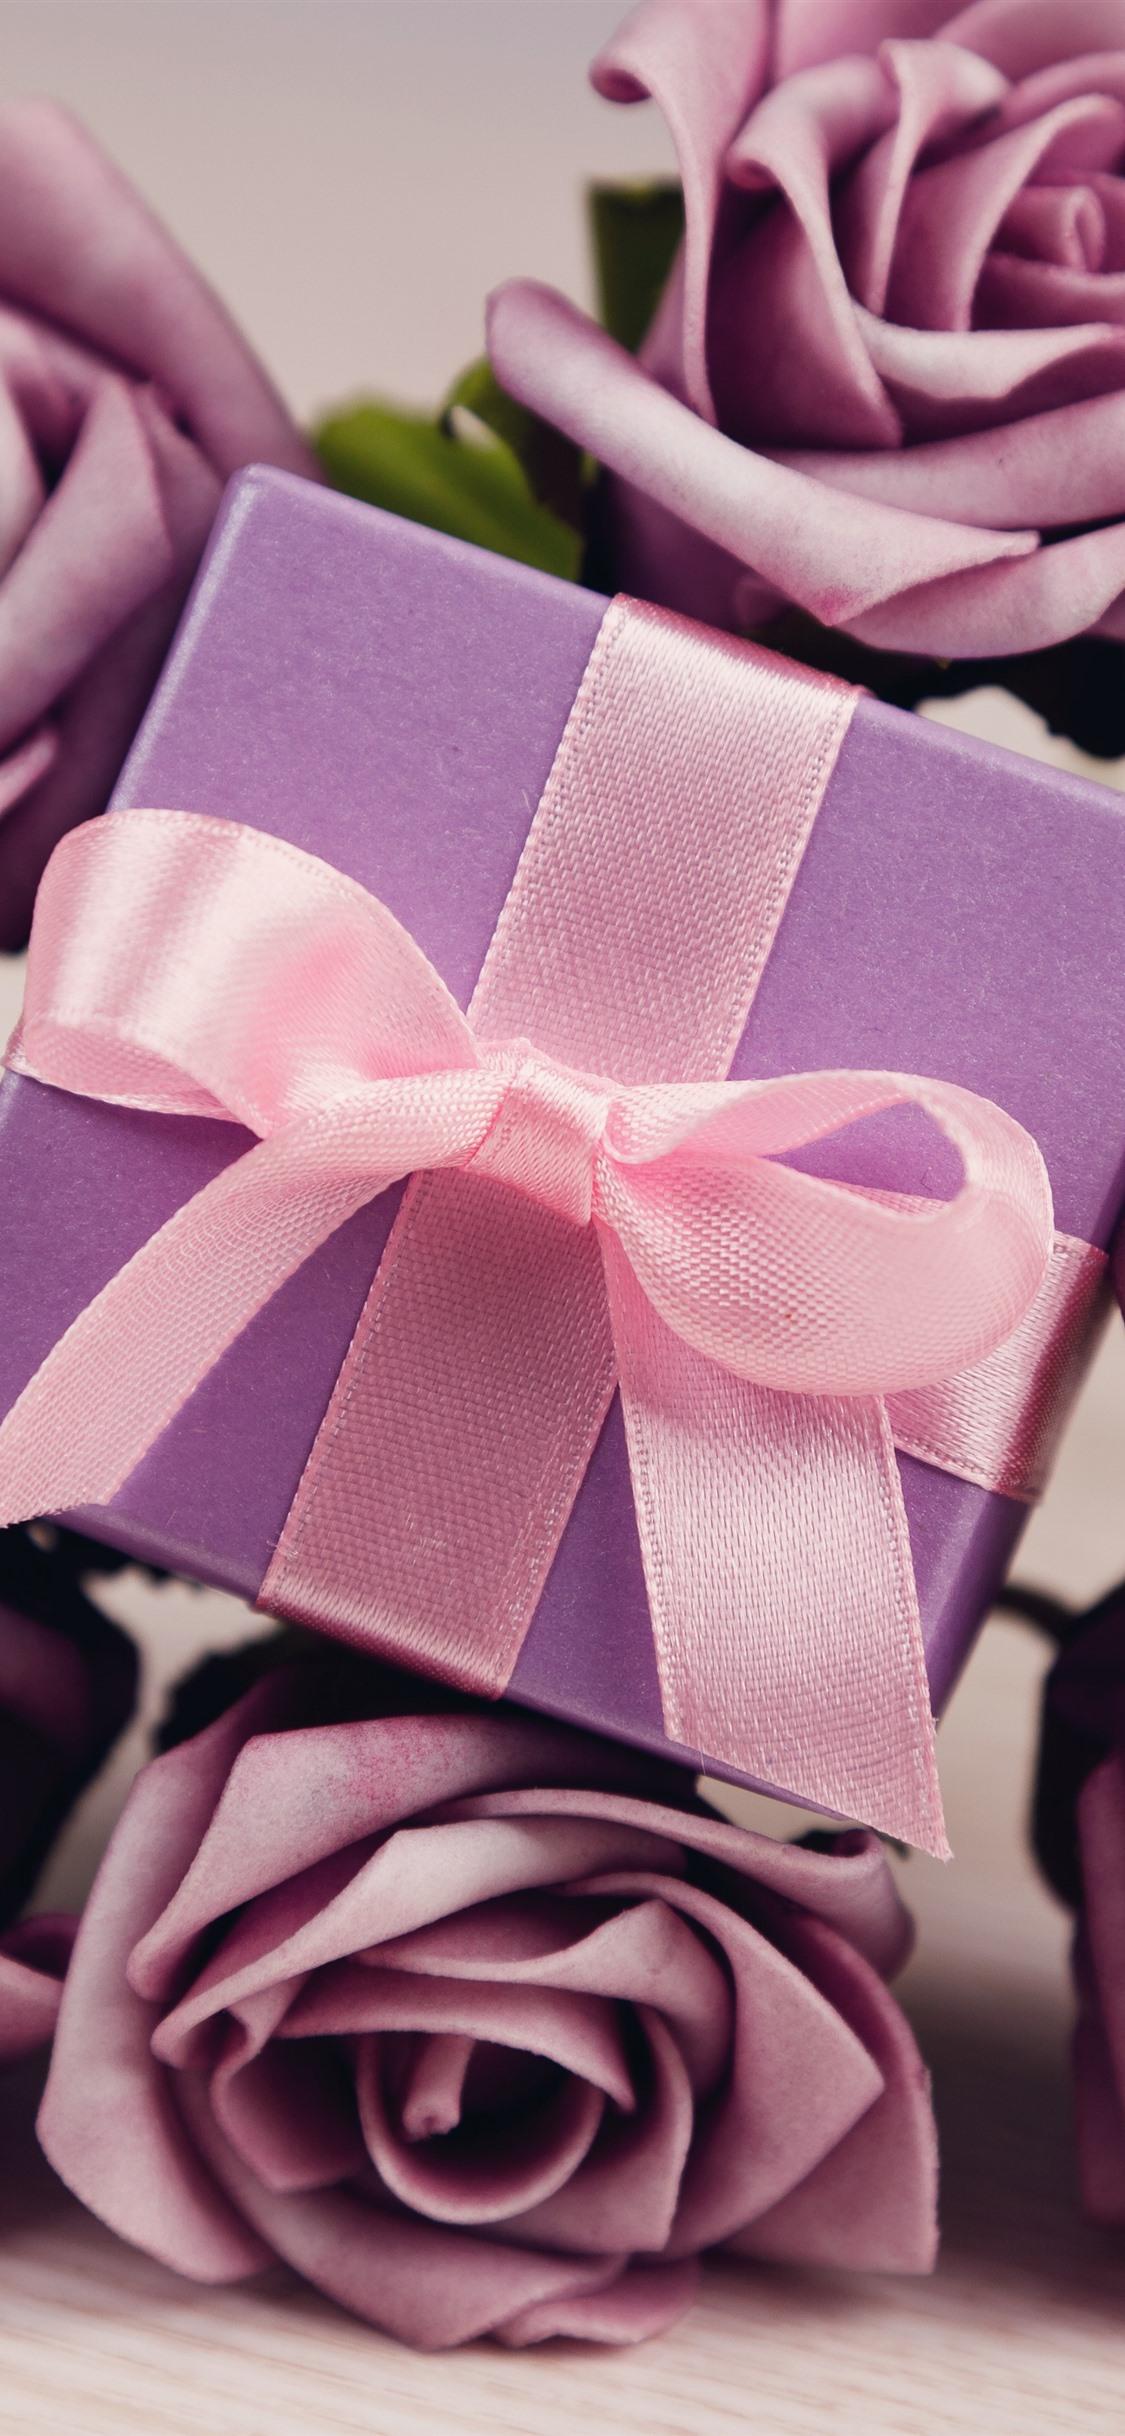 ギフト 紫のバラ 1125x2436 Iphone 11 Pro Xs X 壁紙 背景 画像